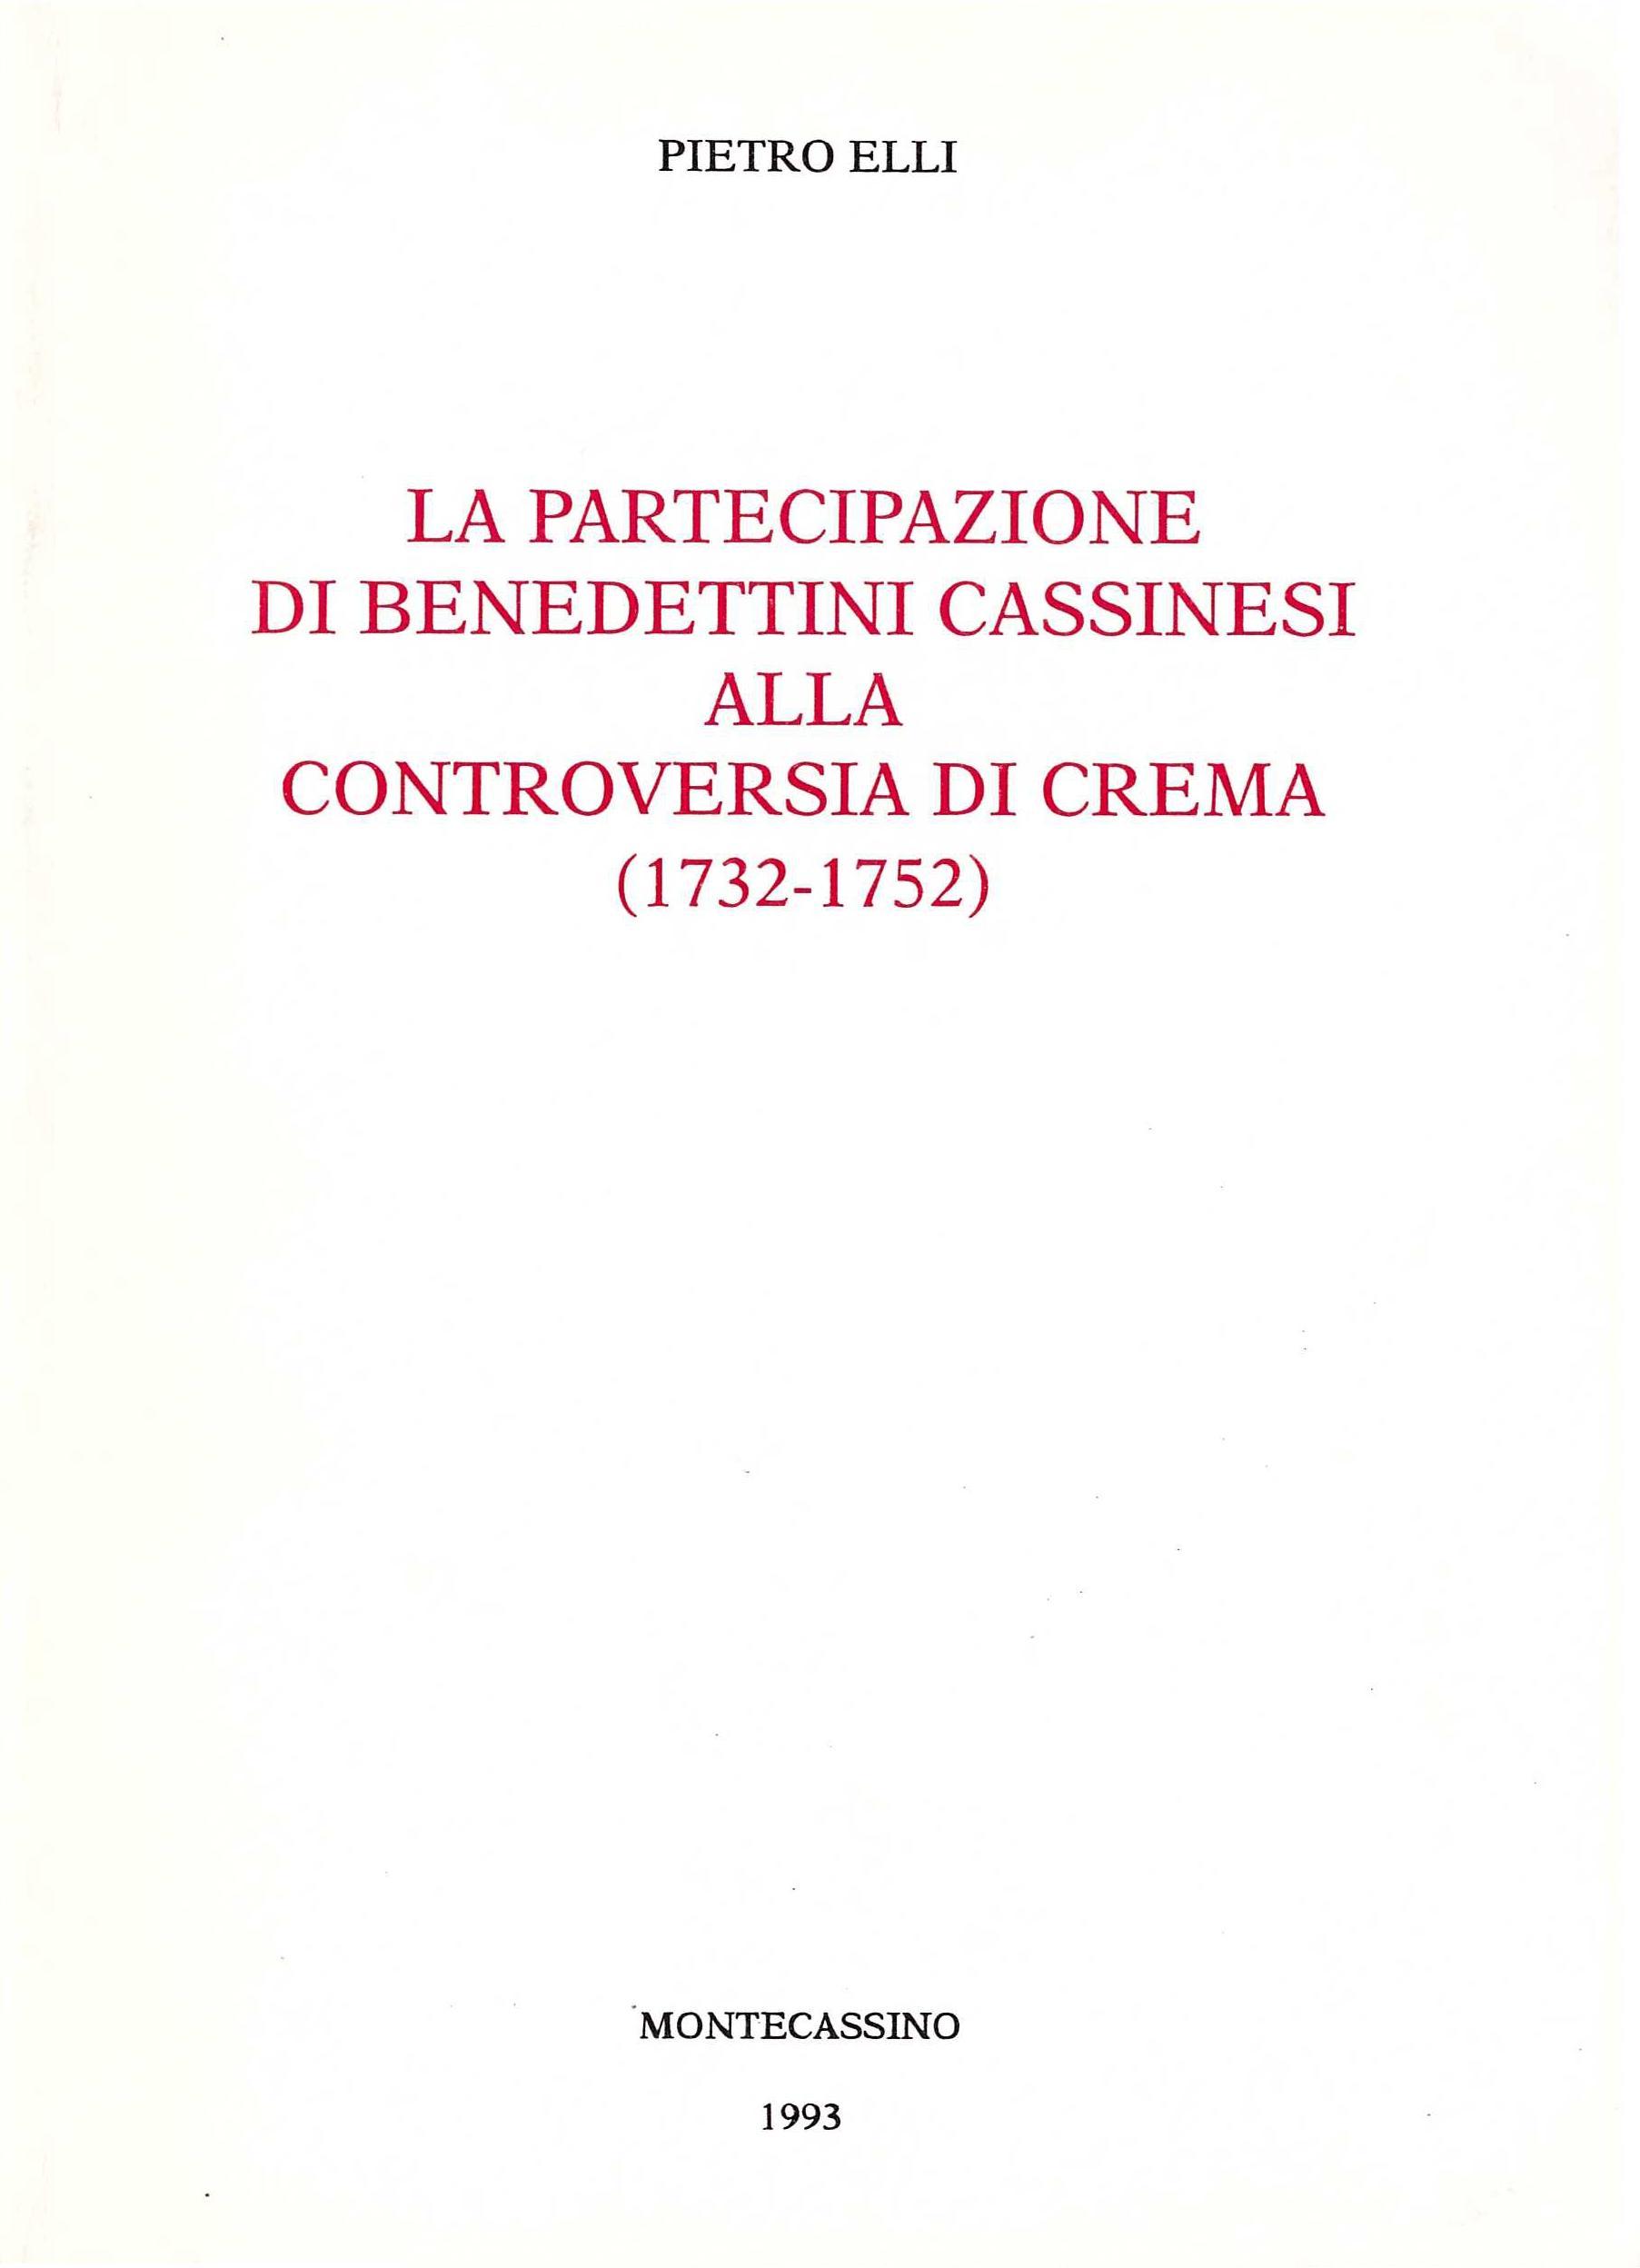 La partecipazione dei benedettini cassinesi alla controversia di Crema (1732-1752)